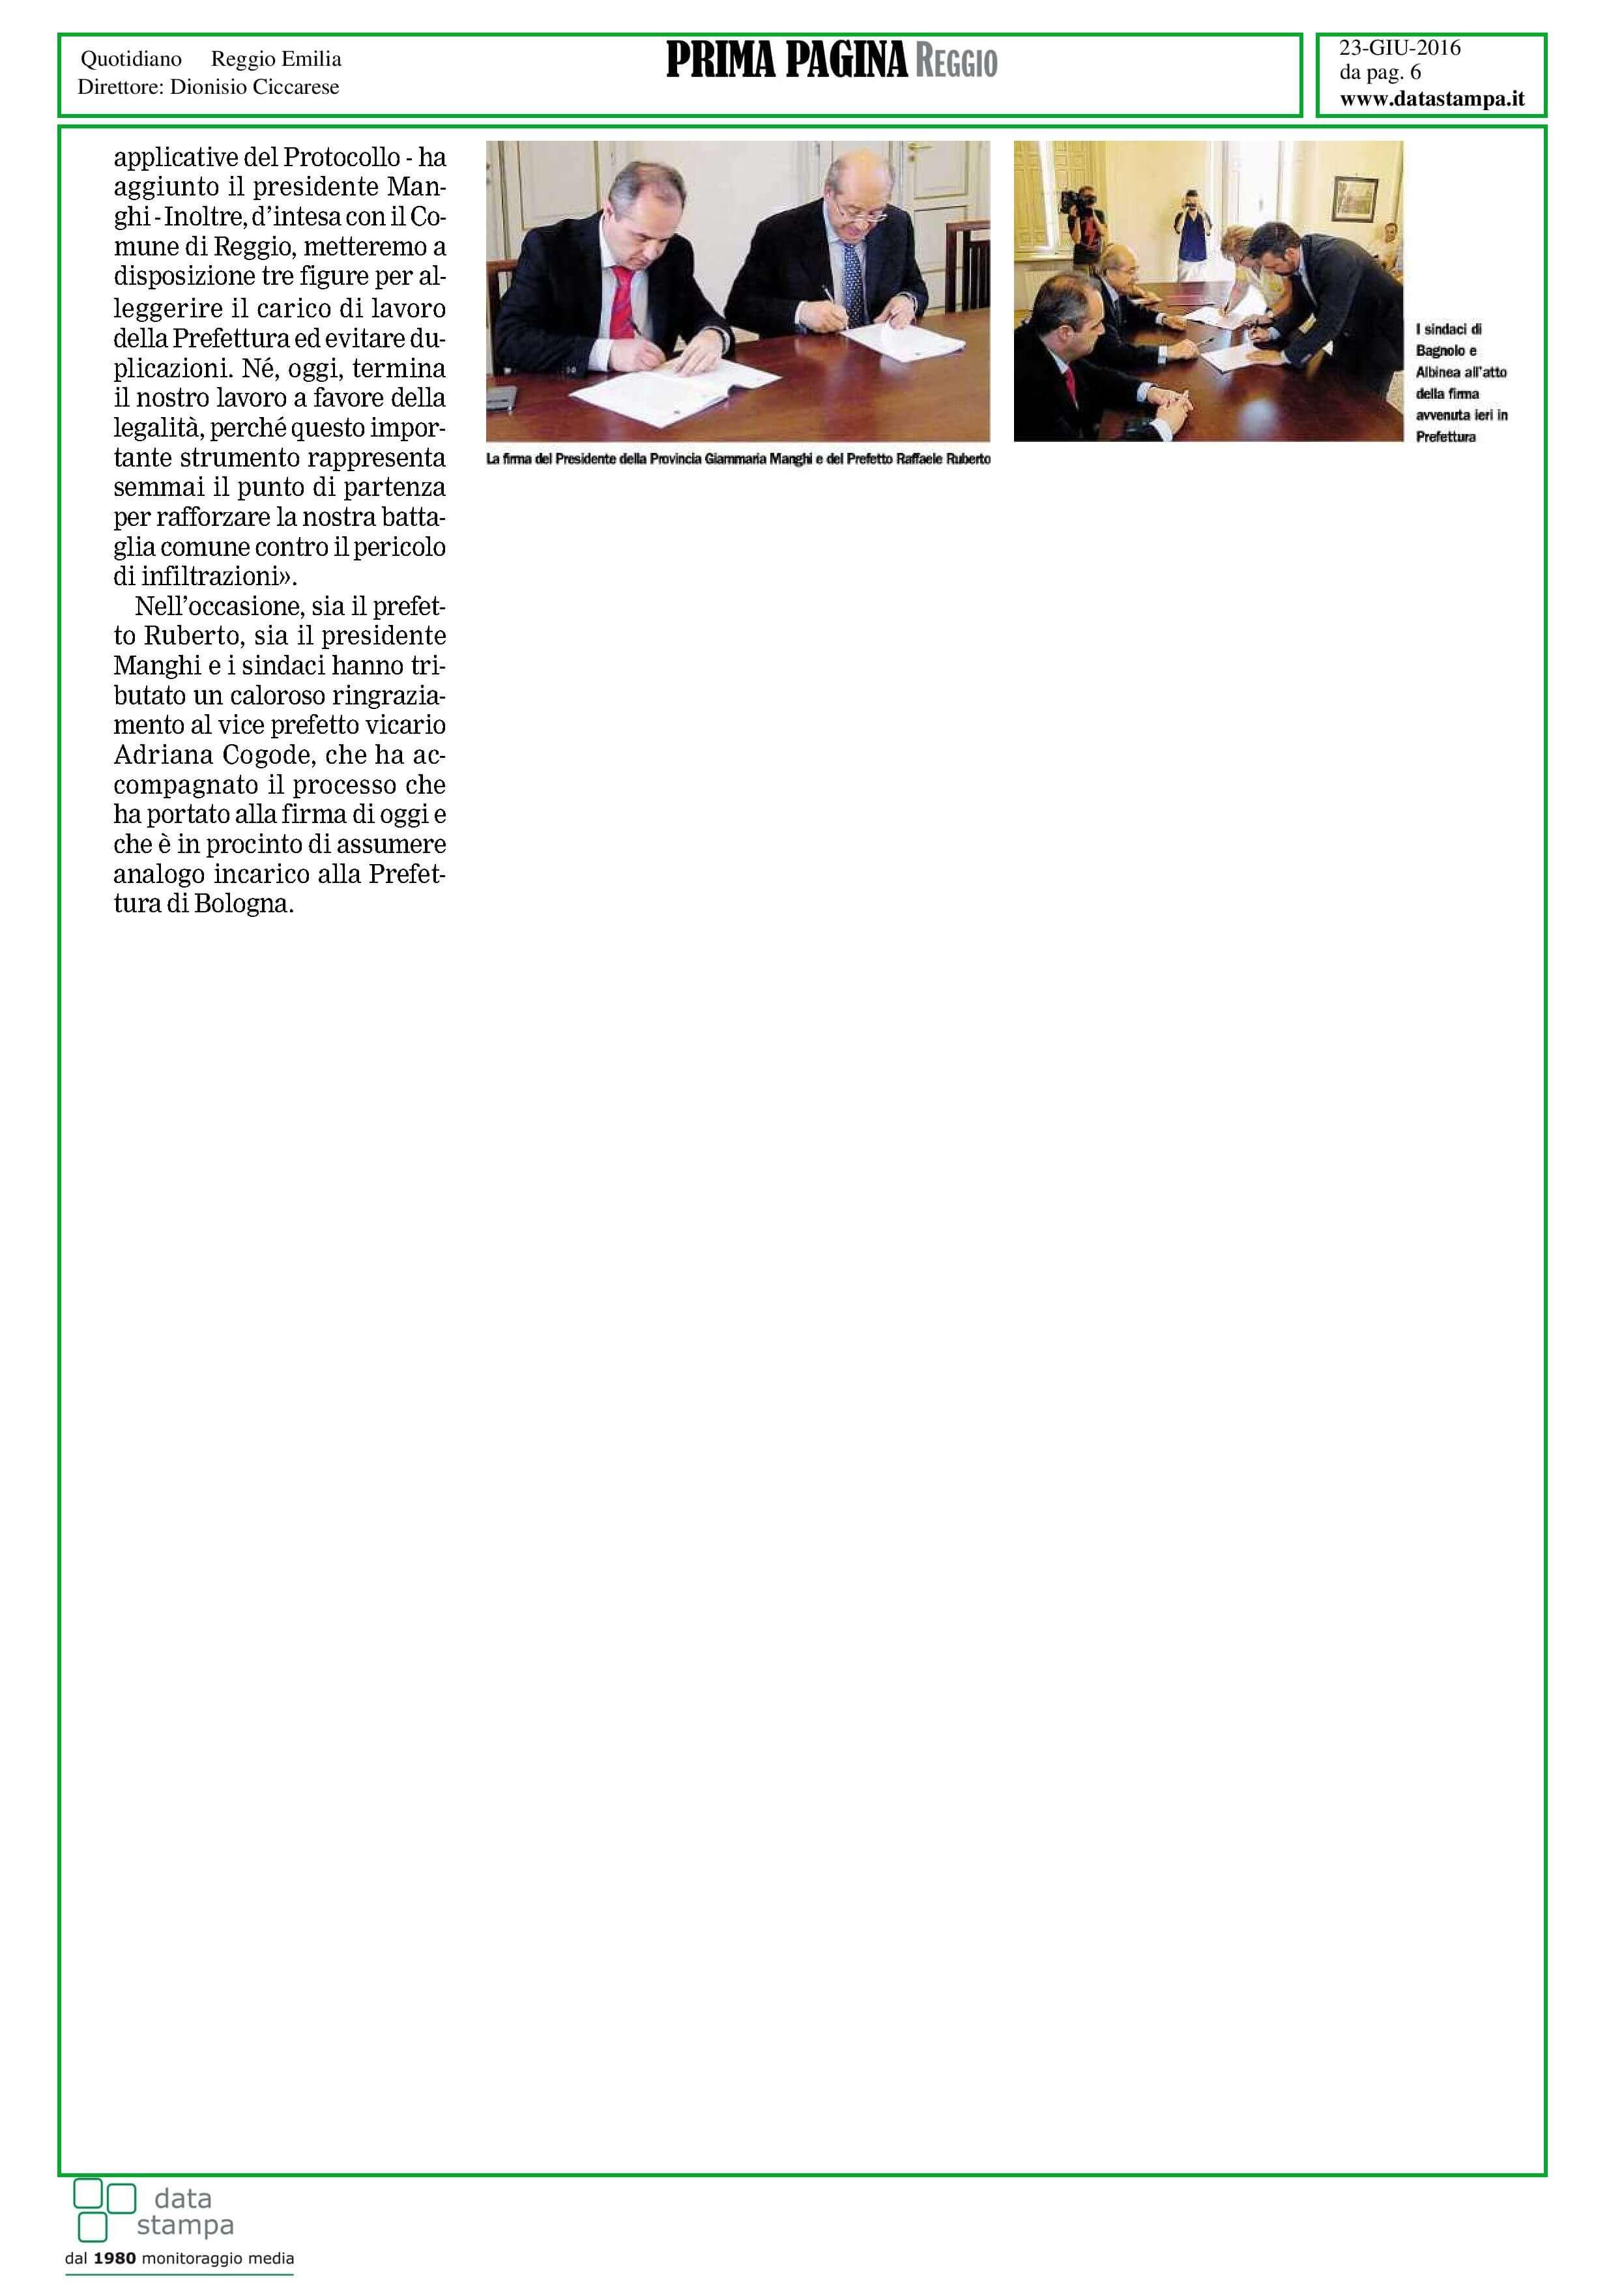 comuni-alzano-lo-scudo-page-002